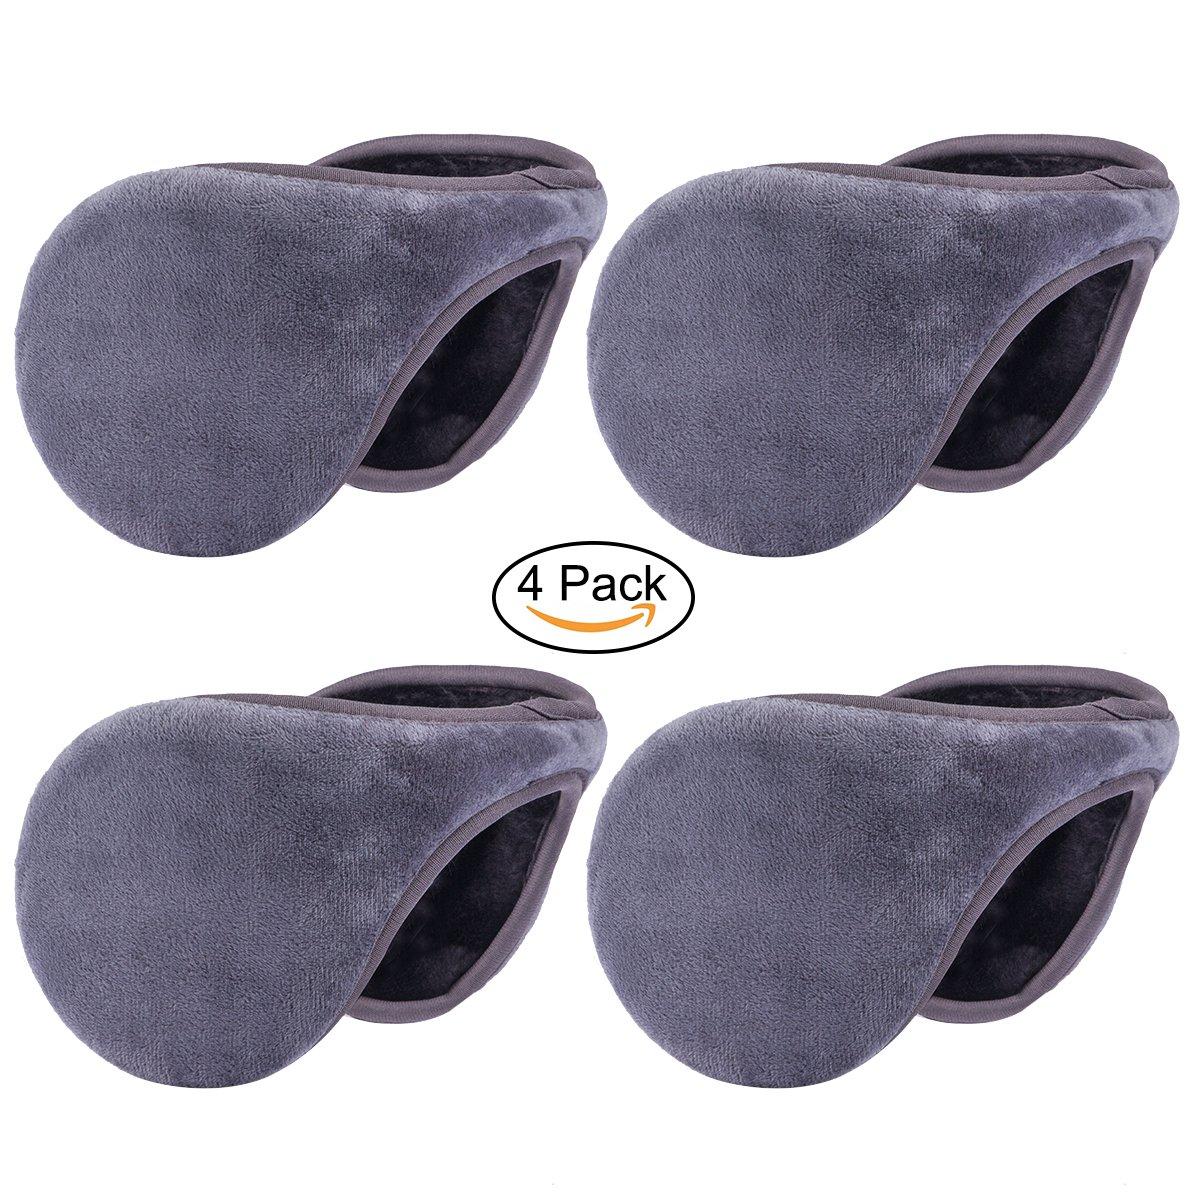 GELANBOO Winter Outdoor Earmuffs Fleece Ear Warmer 4 Pack One size)